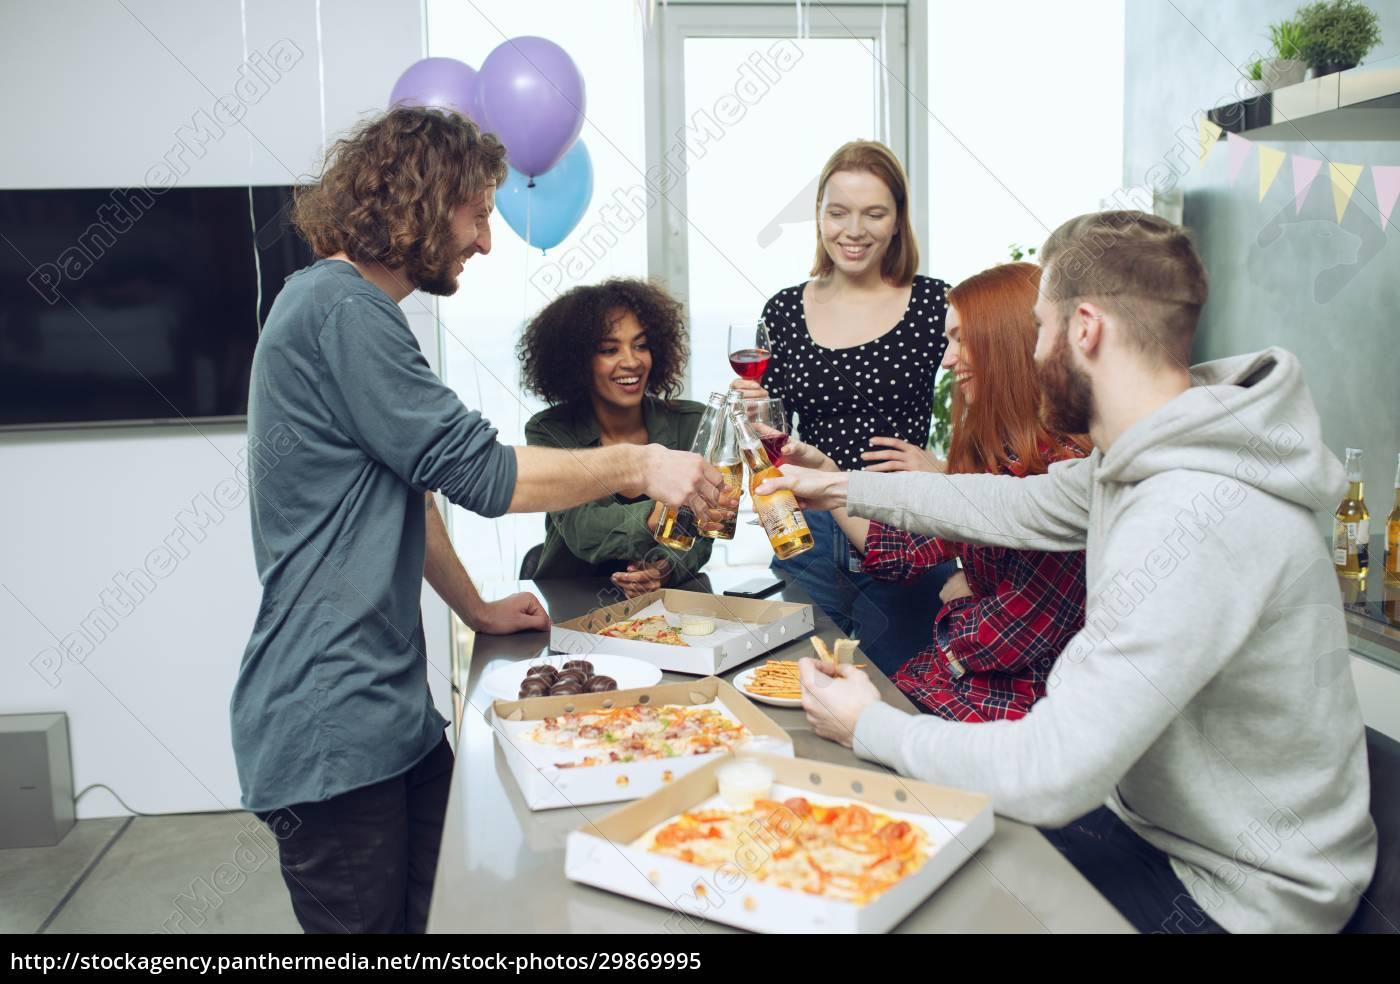 junge, freunde, essen, pizza, und, trinken - 29869995